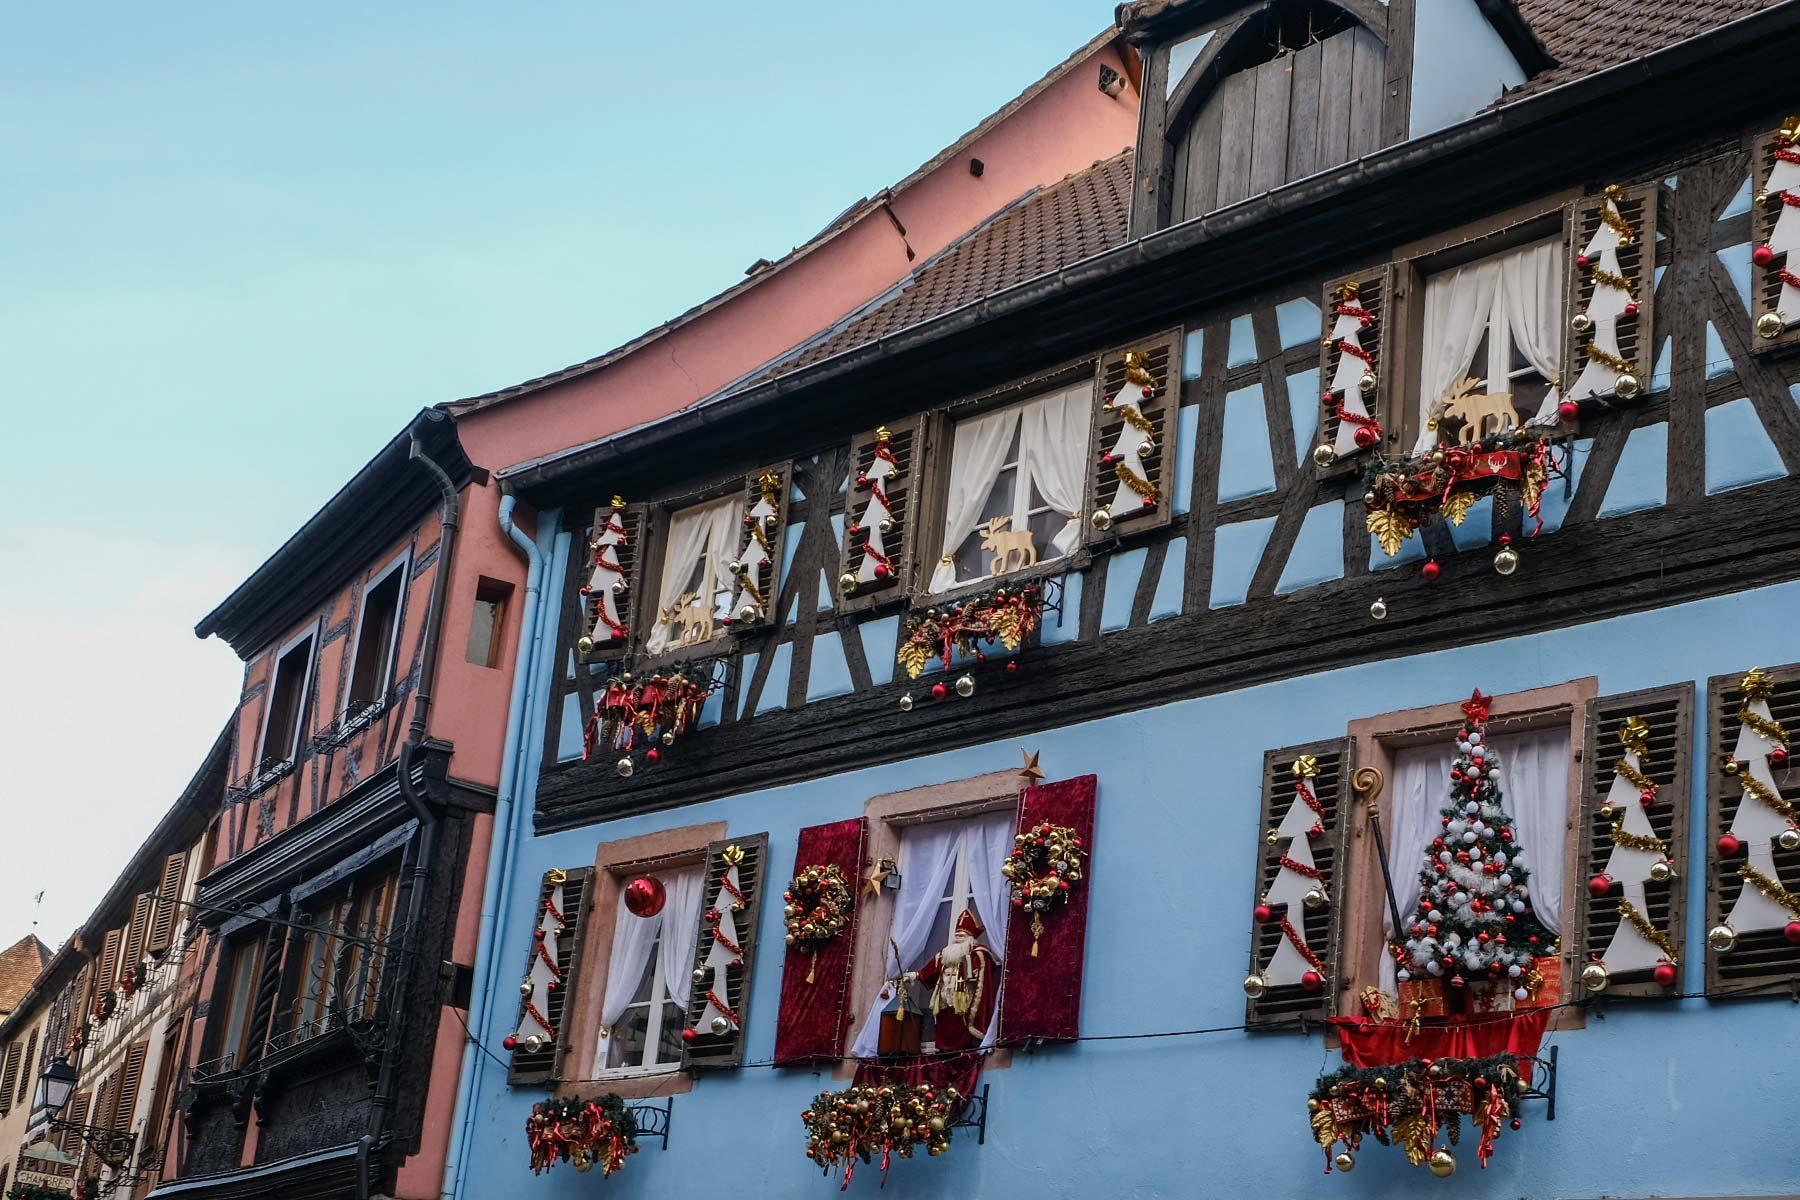 Weihnachtsmarkt in Kaysersberg, Vogesen